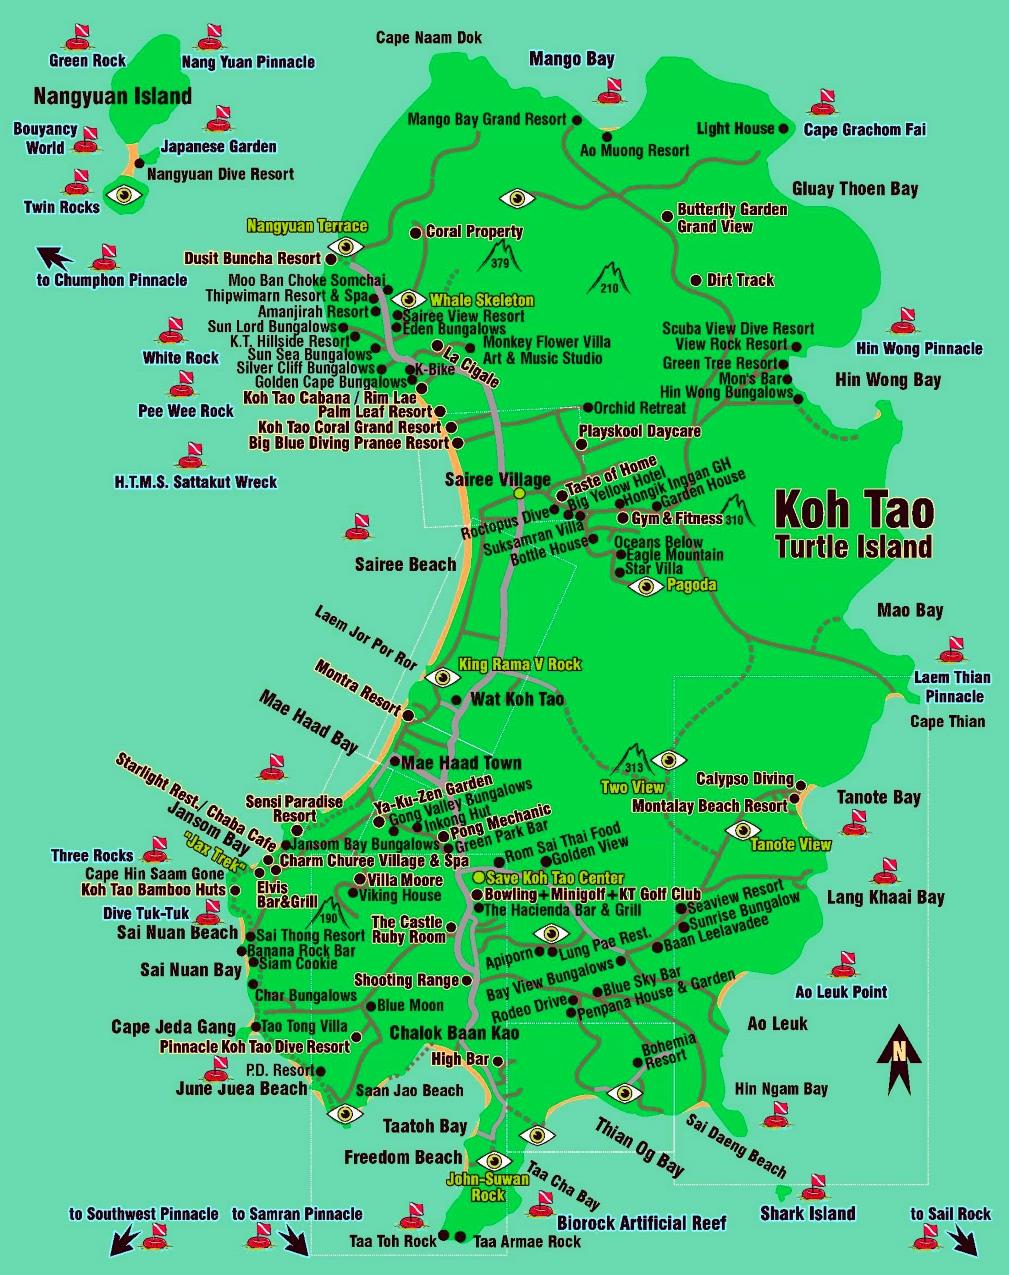 Koh Tao hotels and sightseeings map Koh Tao Thailand World Map on koh lanta thailand, koh samed thailand map, koh kood thailand map, koh phi phi thailand map, bophut thailand map, chiang mai thailand map, koh kut thailand map, cha-am thailand map, krabi thailand map, ancient china han empire map, kuala lumpur thailand map, koh nang yuan thailand map, nakhon phanom thailand map, suratthani thailand map, satun thailand map, pattaya thailand map, mae sai thailand map, pee pee island thailand map, koh kradan thailand map, cebu taoist temple map,